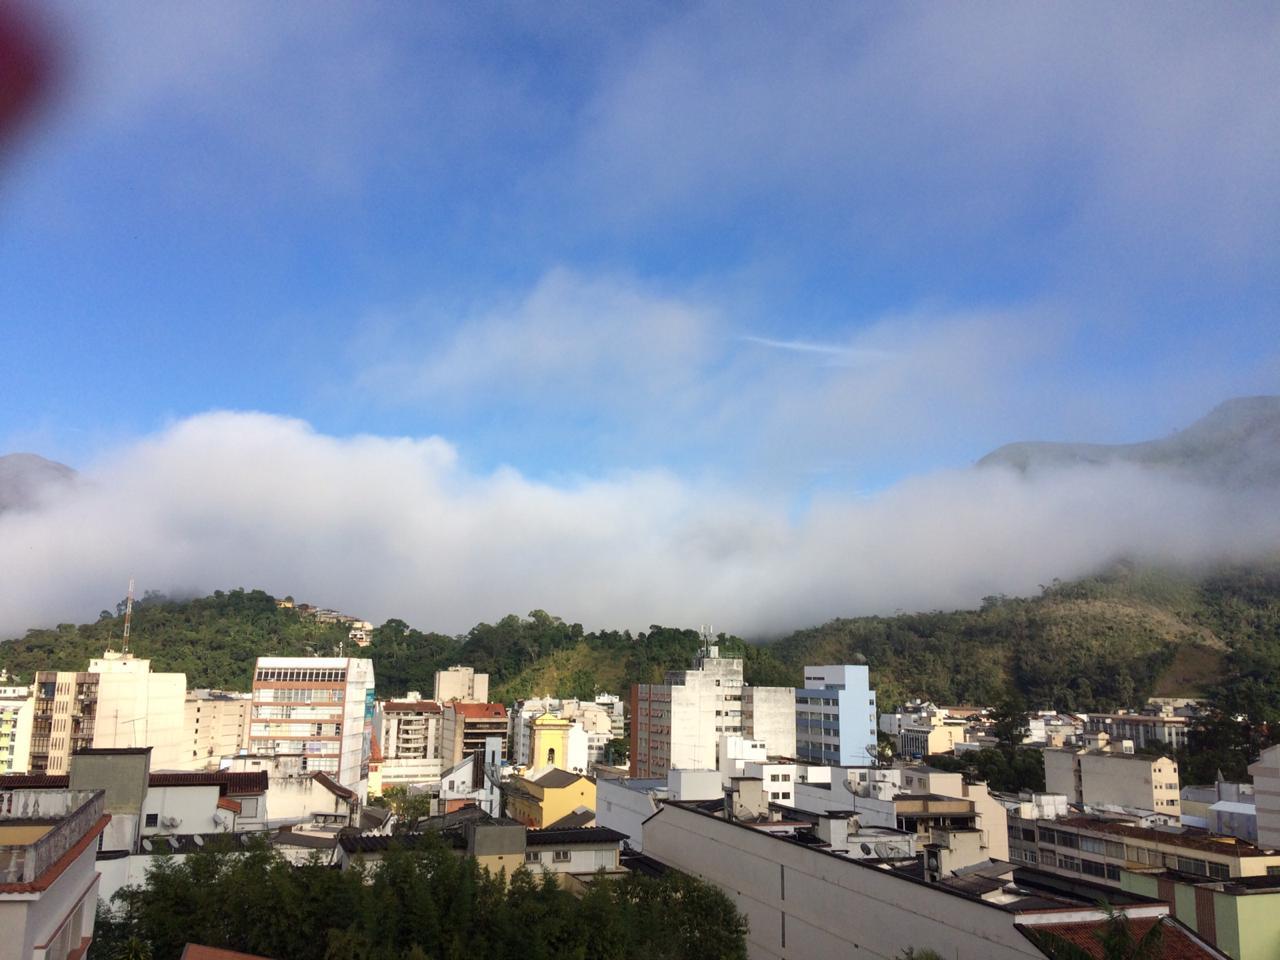 O Centro de Nova Friburgo nesta segunda de manhã cedo (Foto: Adriana Oliveira)